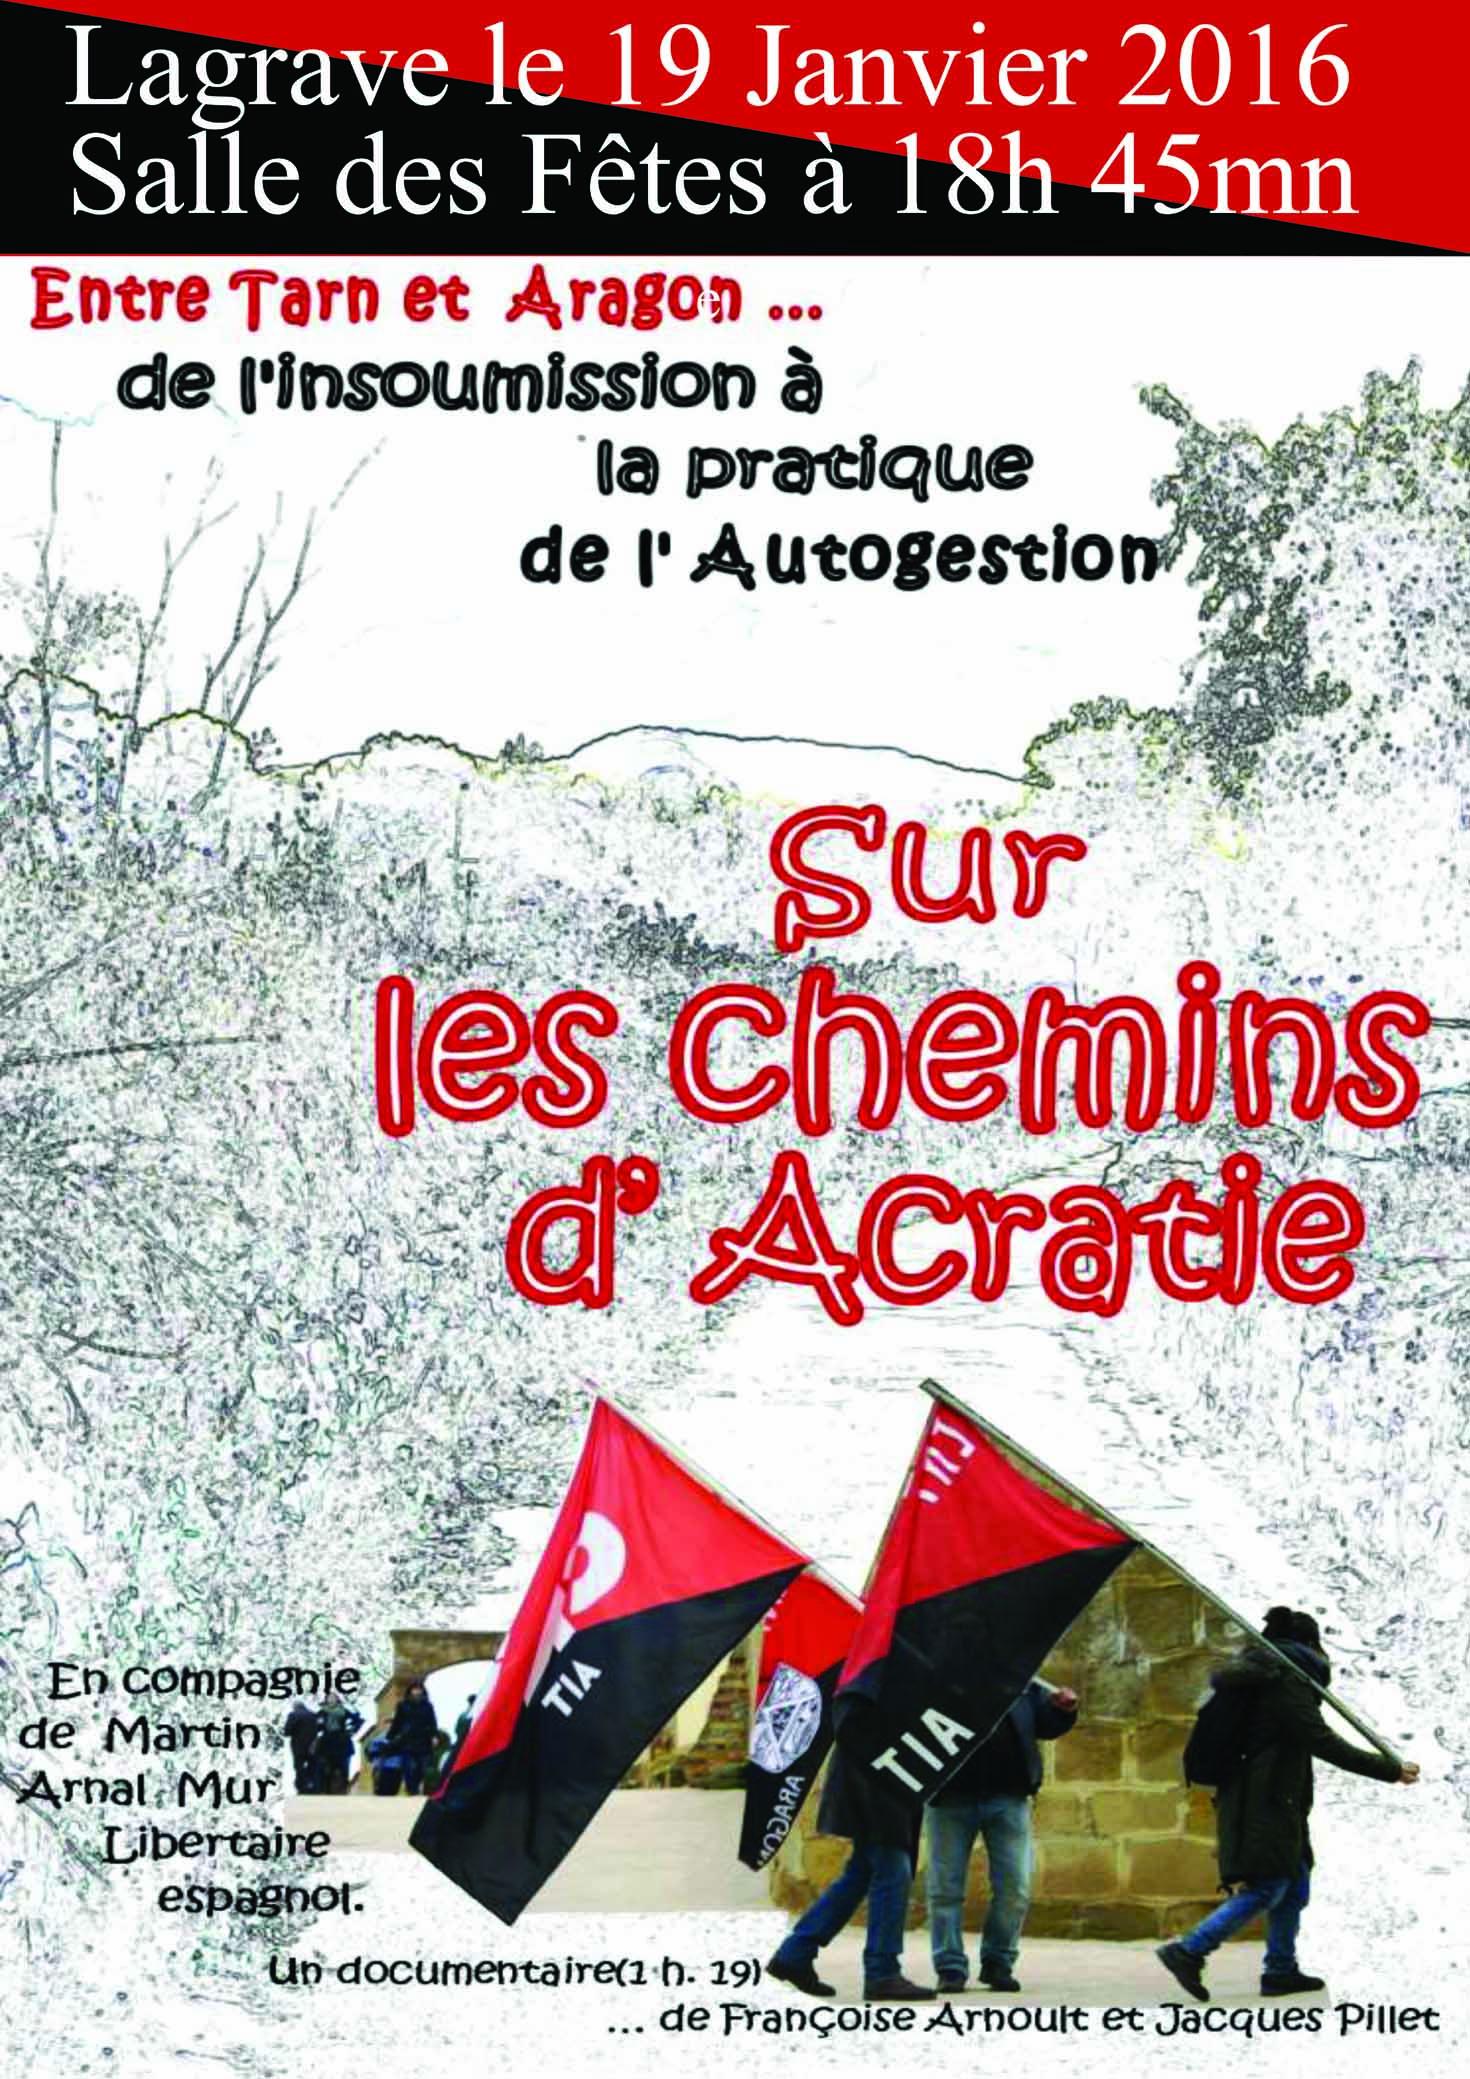 Blog 04-Affiche-Acratie-Lagrave-Web (2)